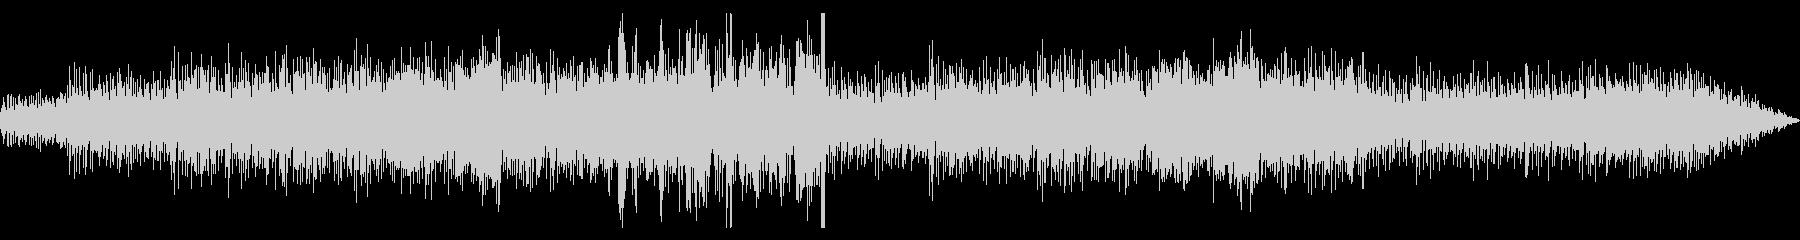 スペイン音楽風ポップスの未再生の波形